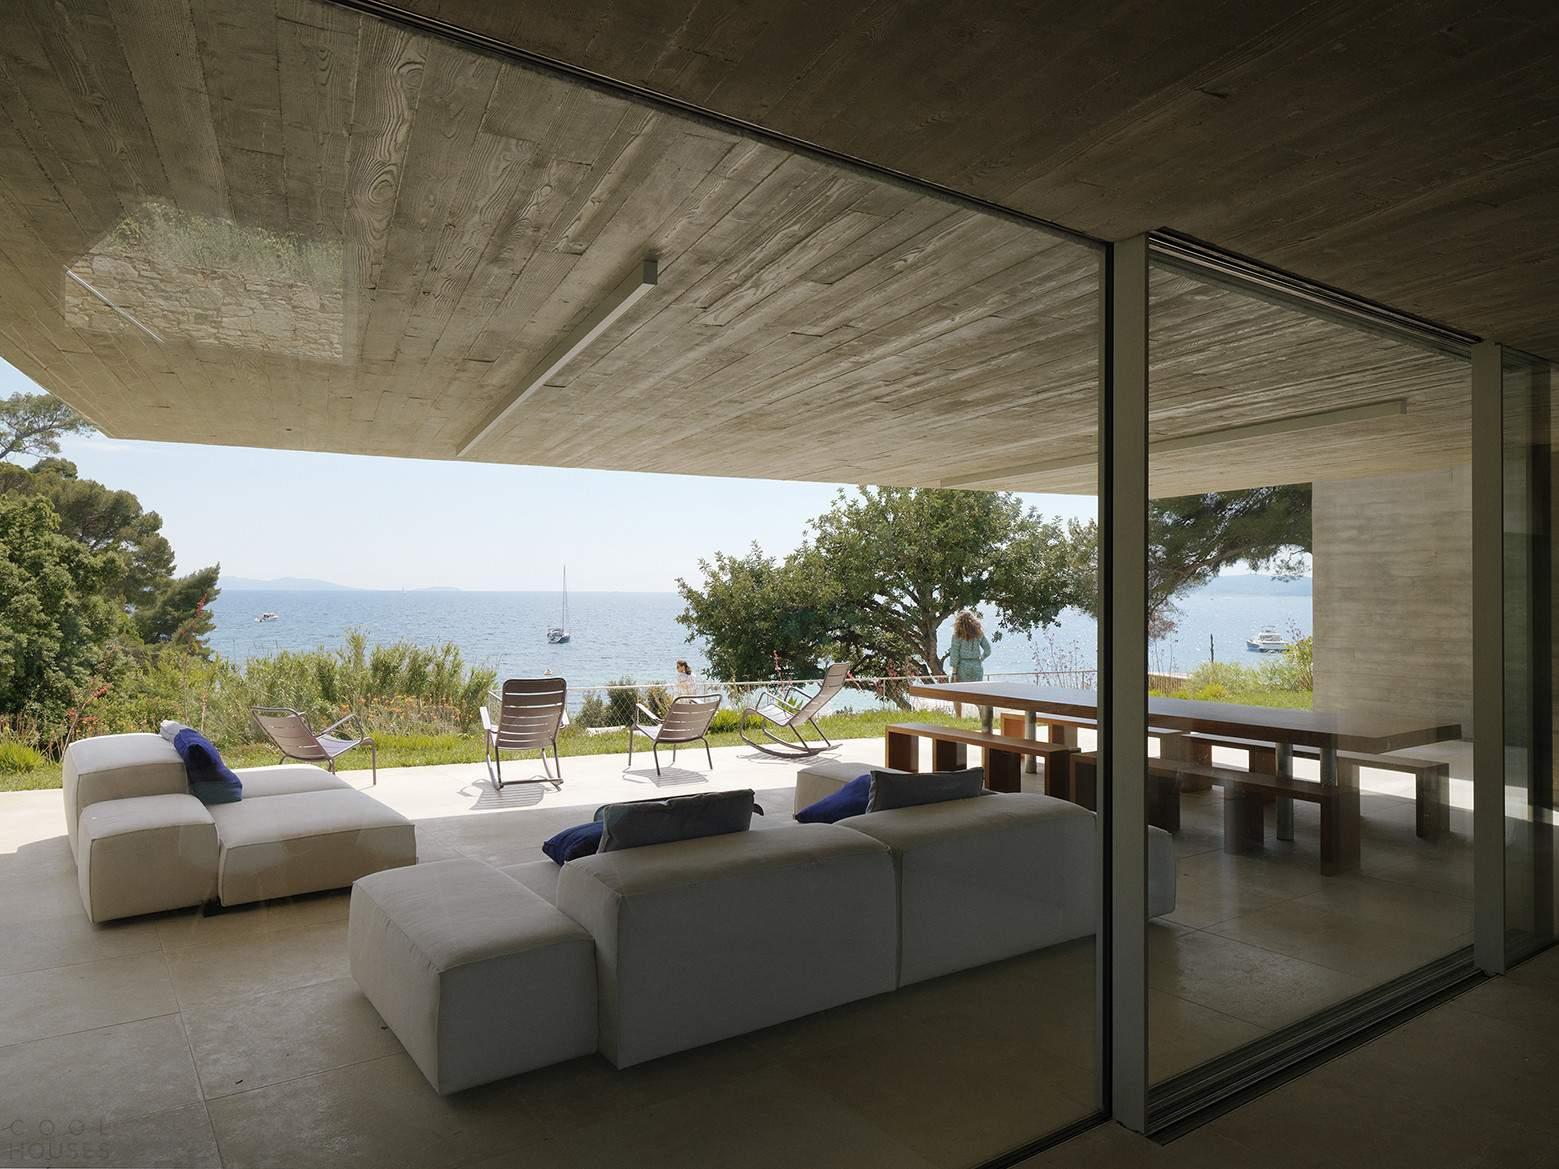 Вилла на Лазурном берегу Средиземного моря, Франция